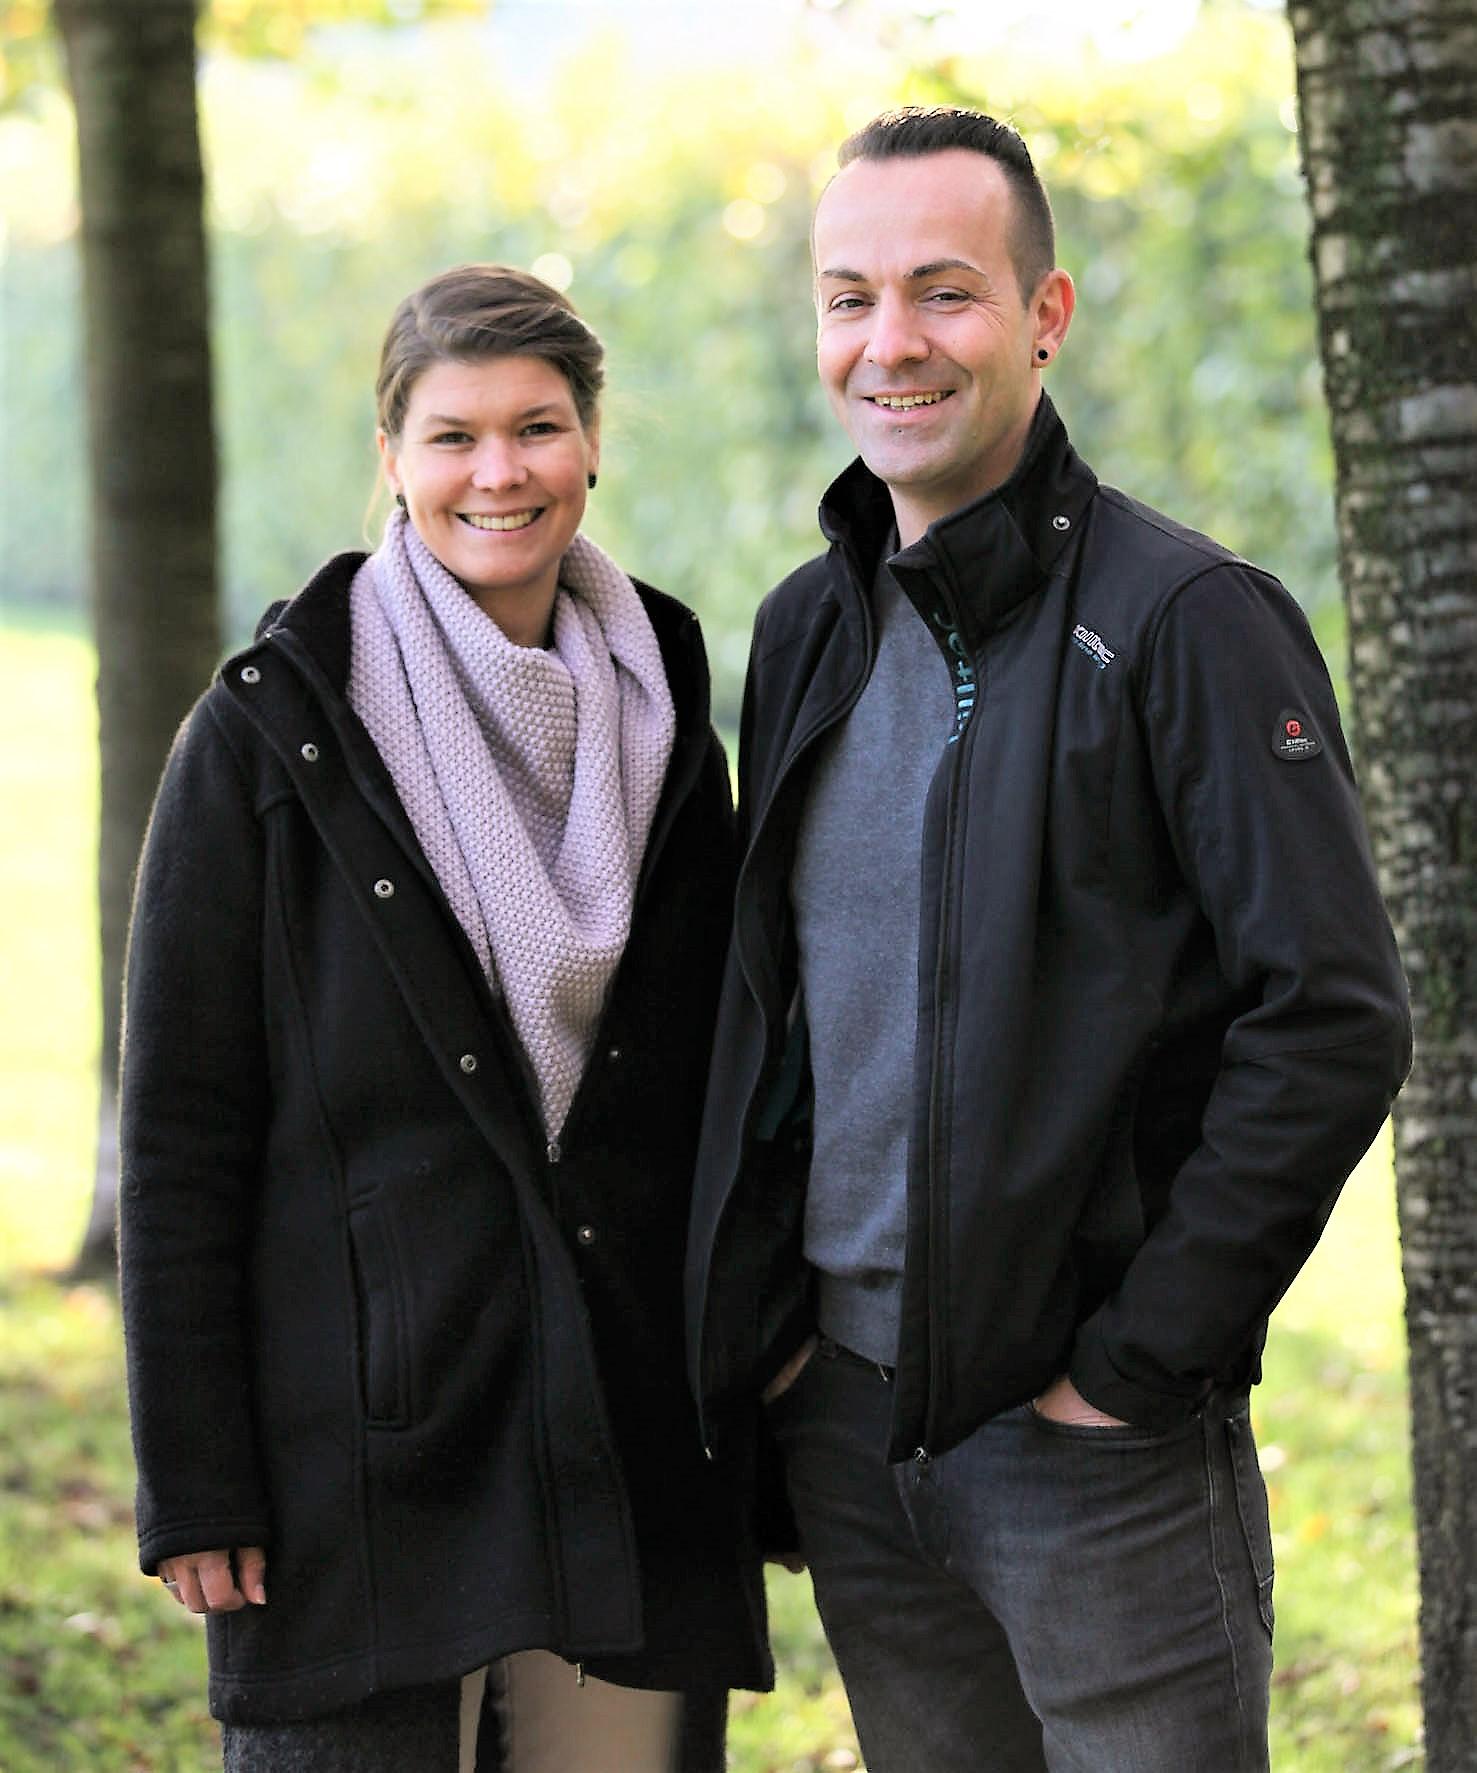 Heilgedöns - Physiotherapie am Dom (Sabine Pfeil und Michael Schmitt)